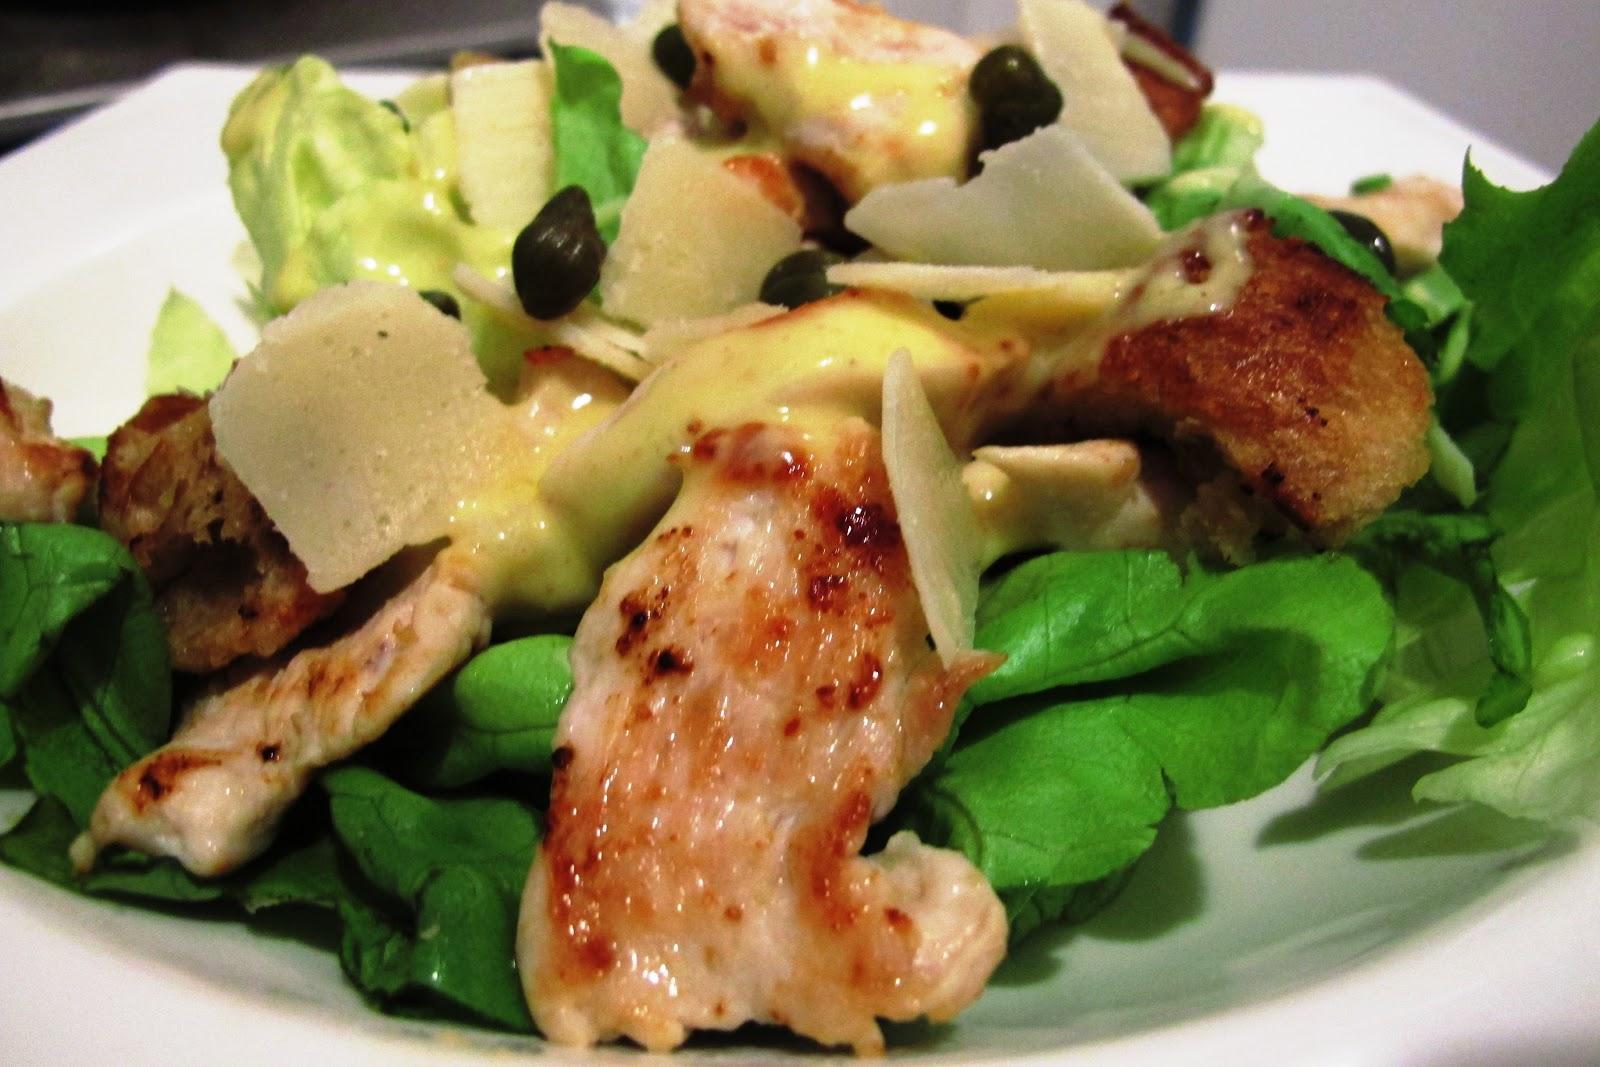 Les recettes de miss tartiff salade c sar au poulet grill - Recette salade cesar au poulet grille ...